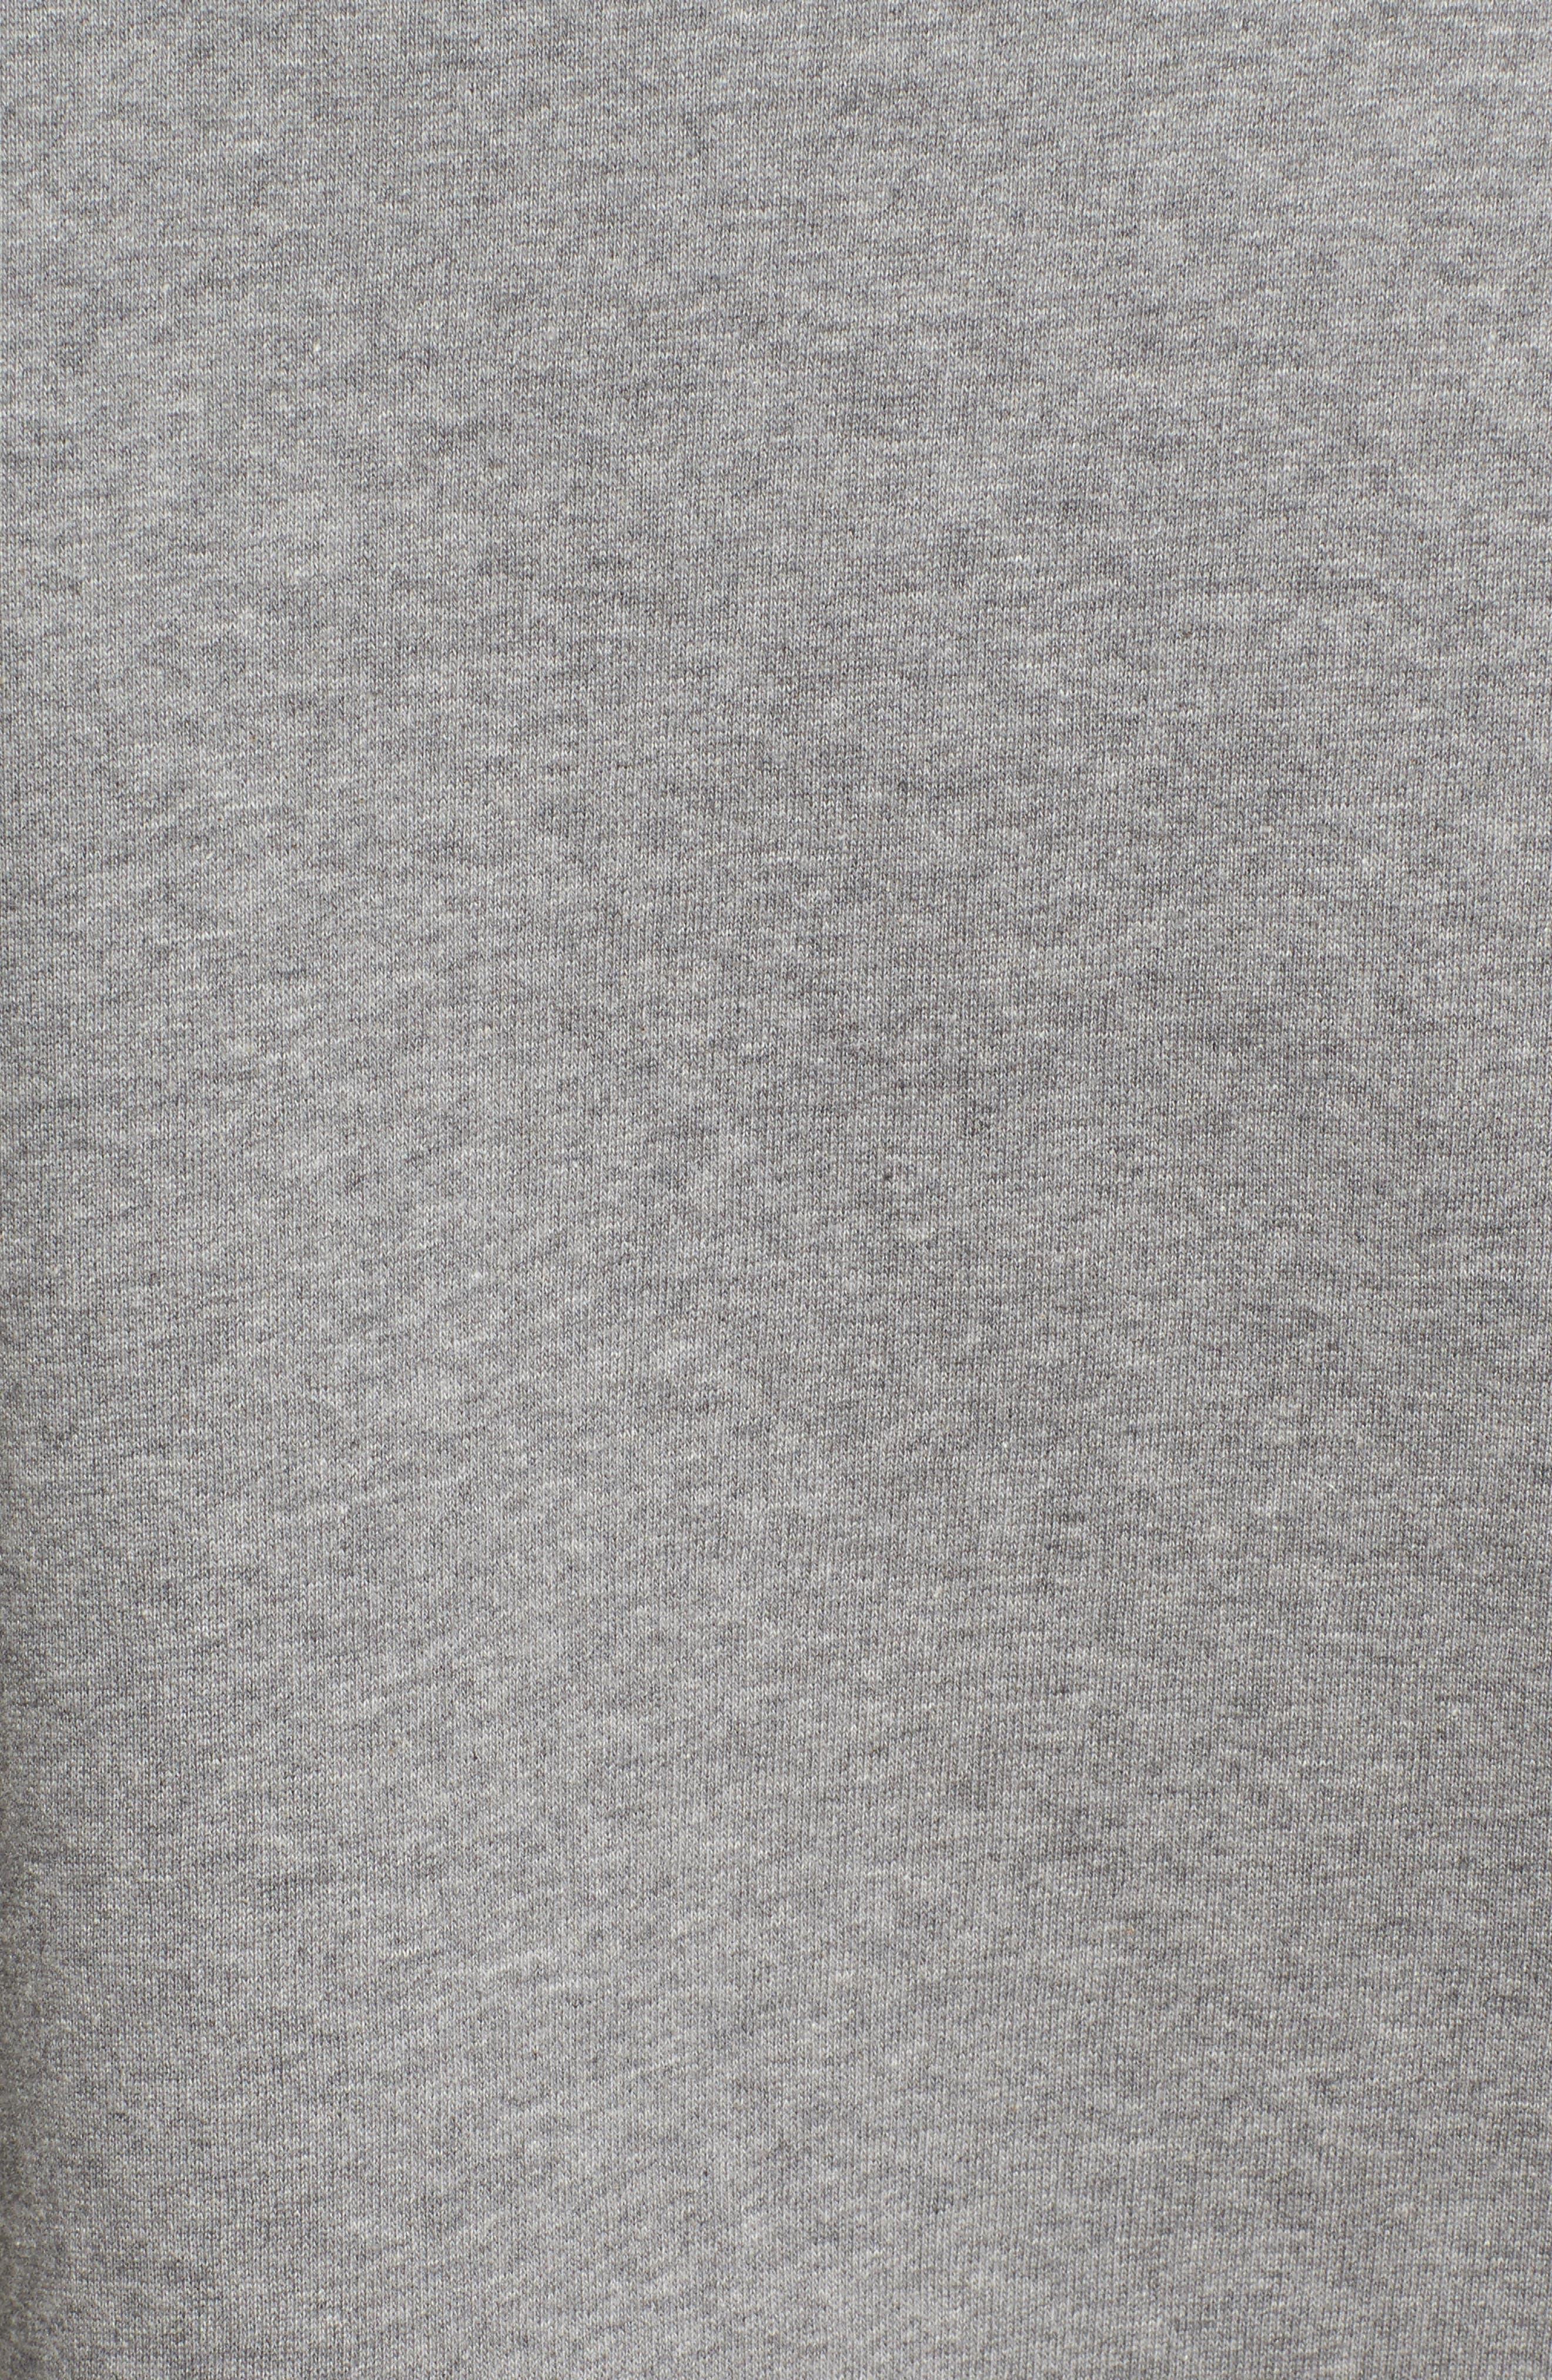 Alternate Image 5  - être cécile Music Face Boyfriend Sweatshirt